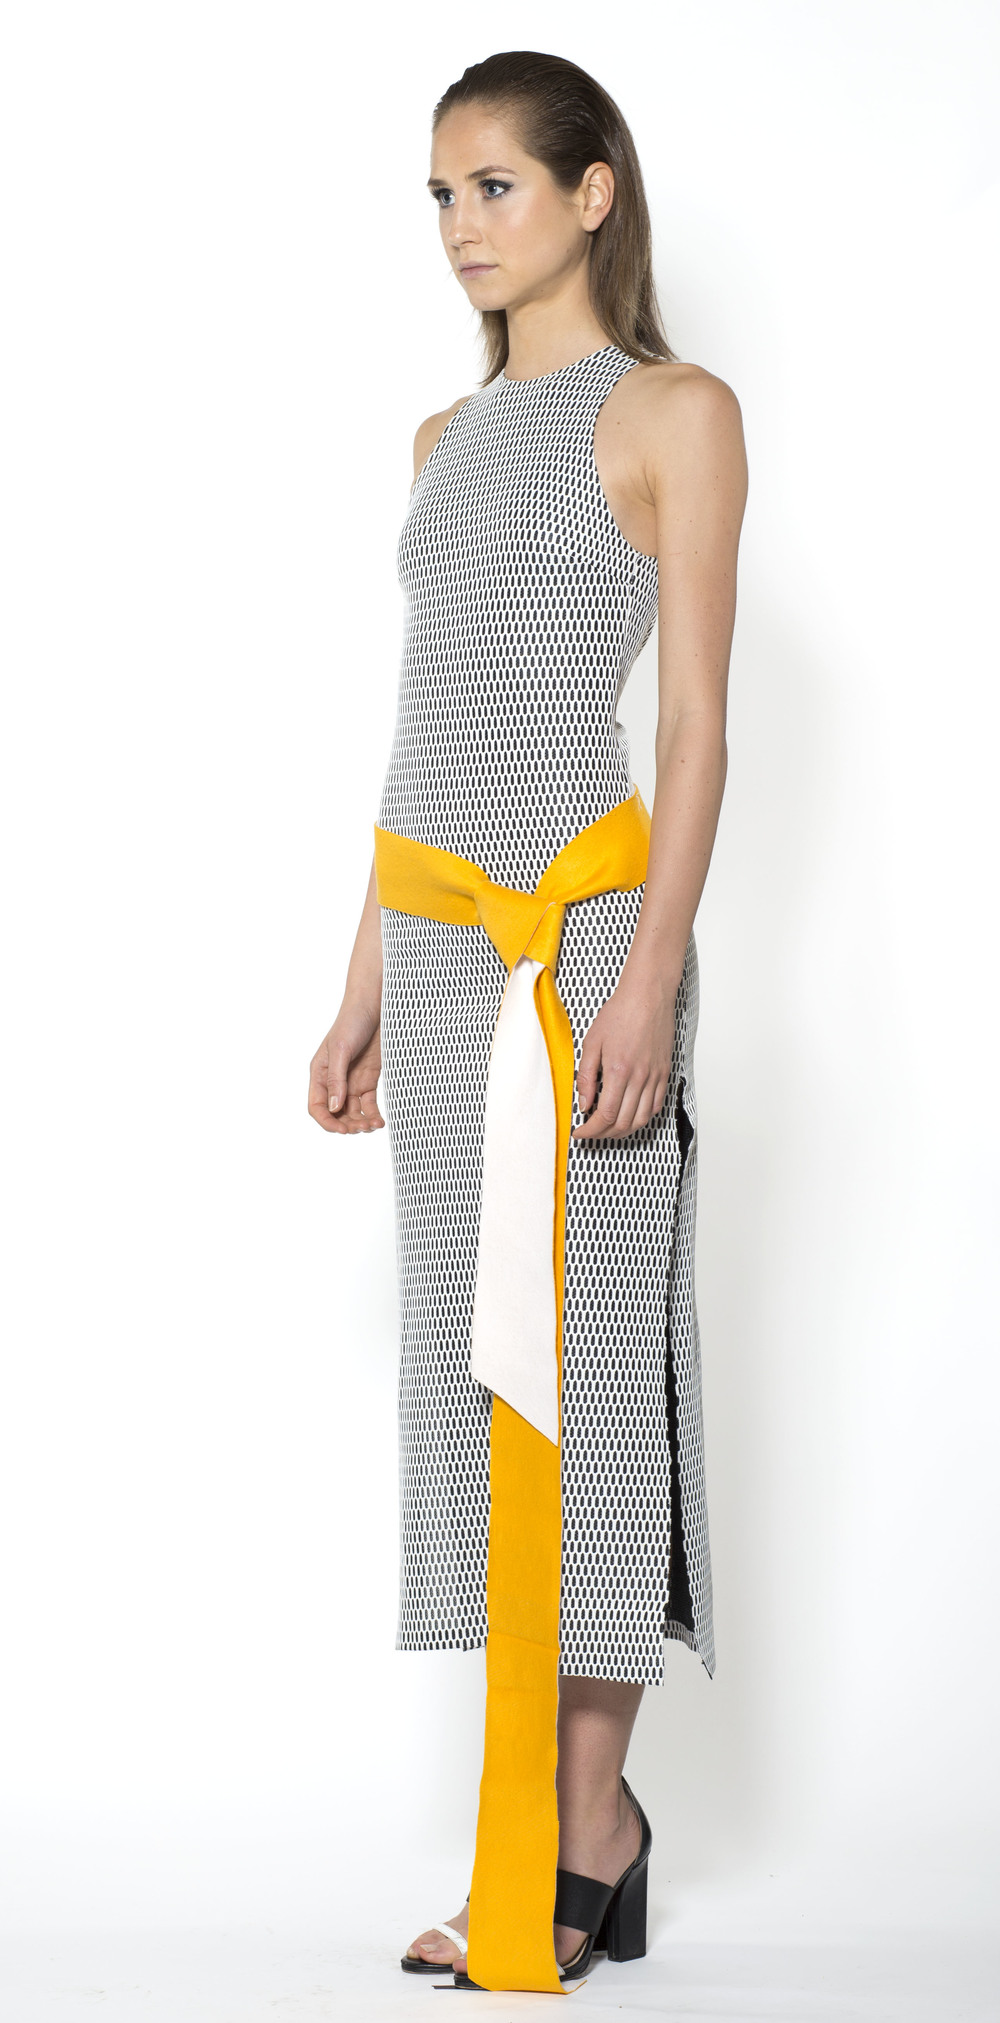 New York emerging designer label Carmela